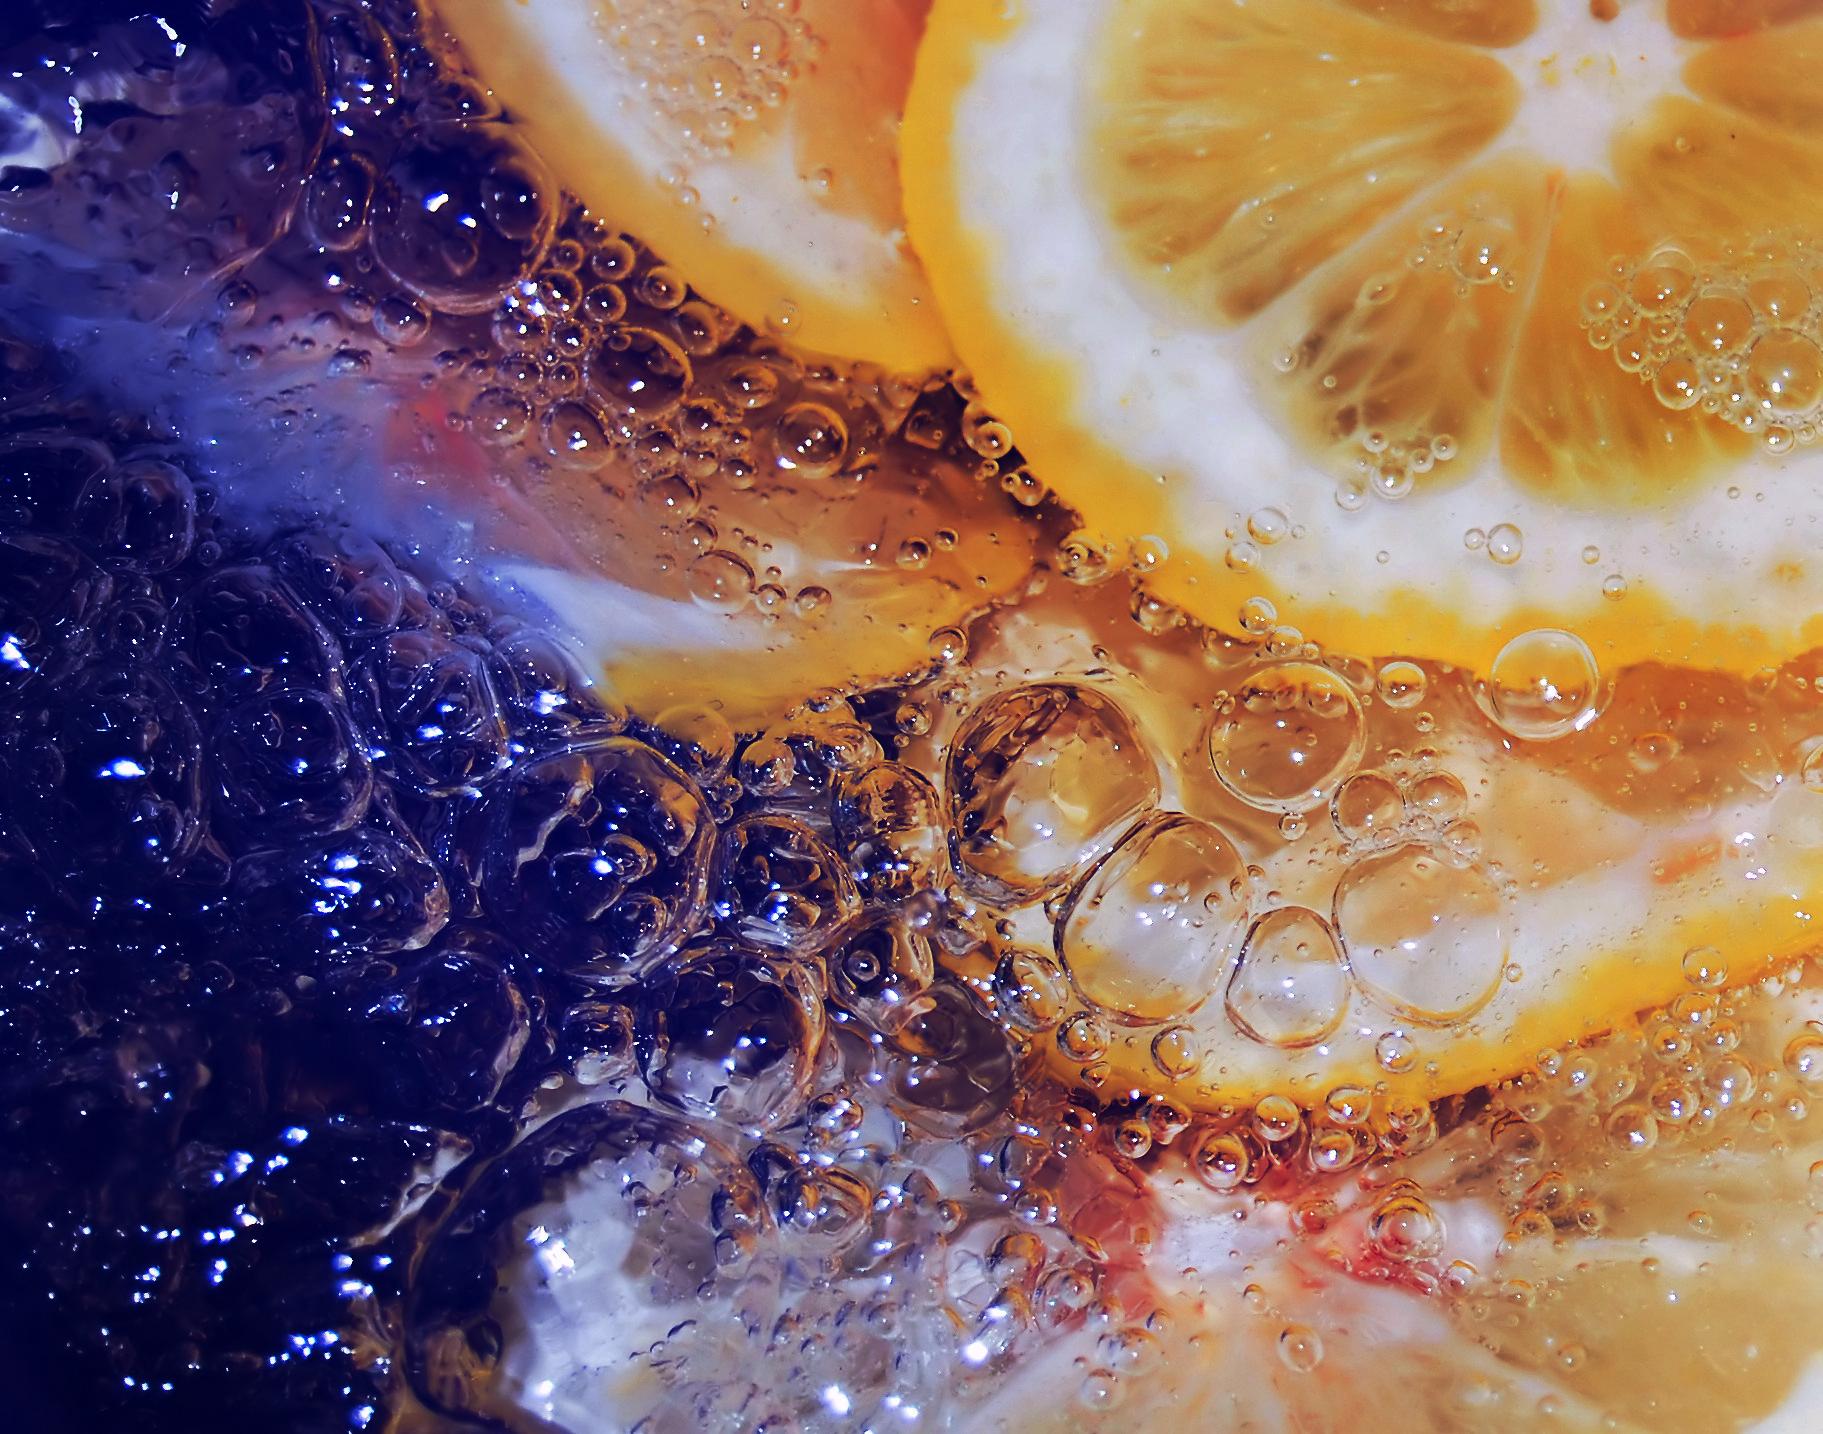 92946 скачать обои Макро, Лимон, Лед, Вода - заставки и картинки бесплатно